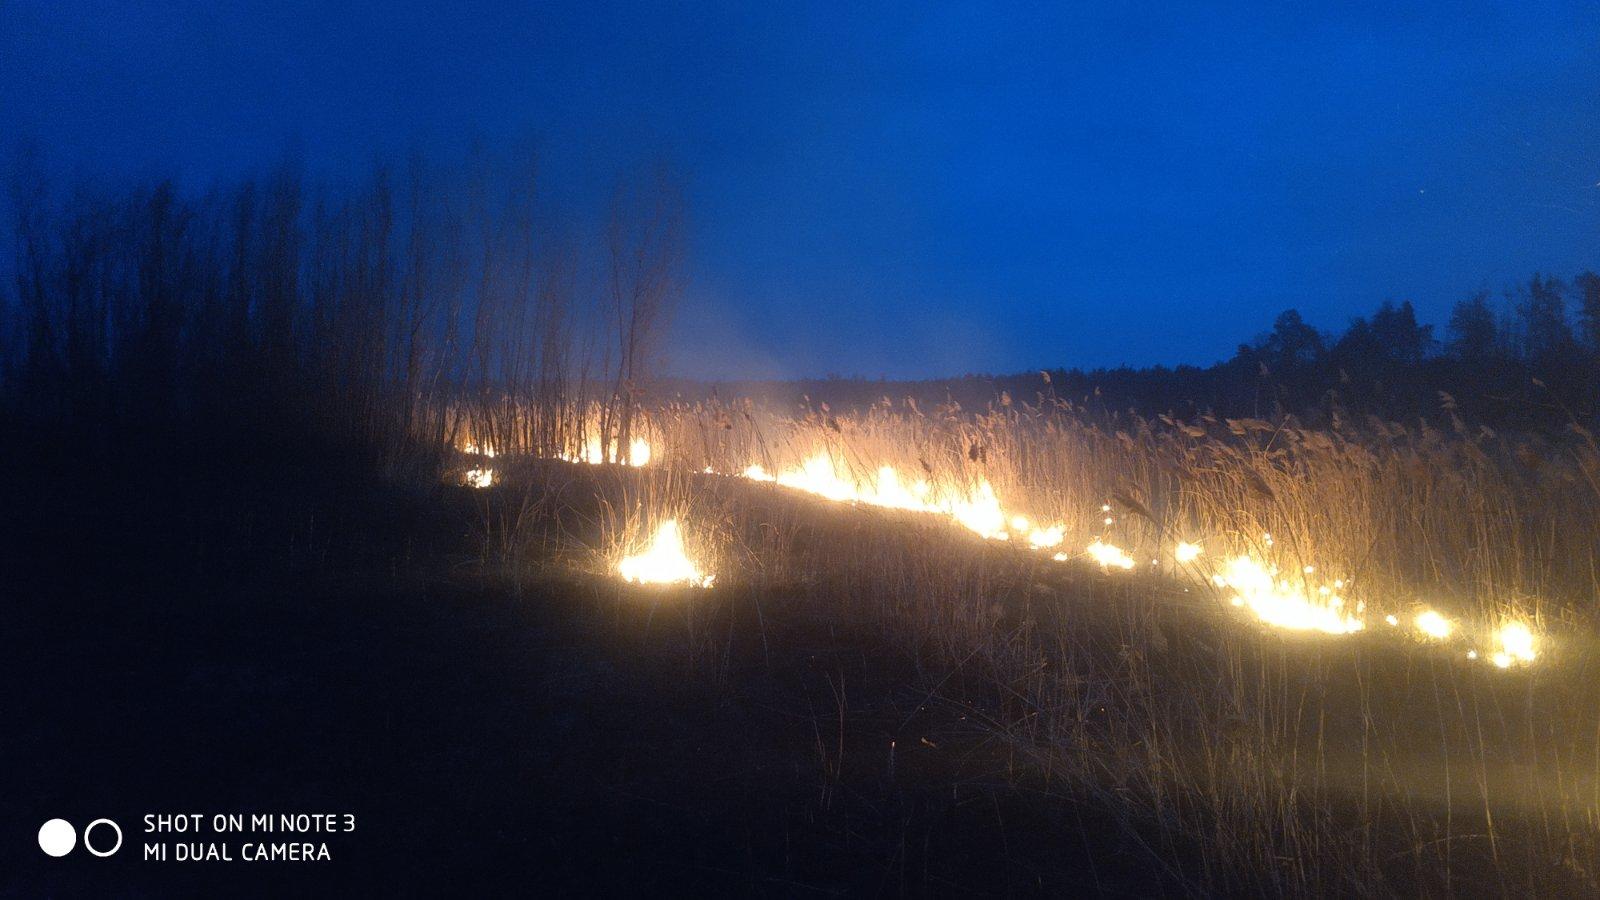 Irp-suh-trava-2 Пекельний вікенд: 5 загорань трав'яного настилу приборкали рятувальники Ірпінського регіону